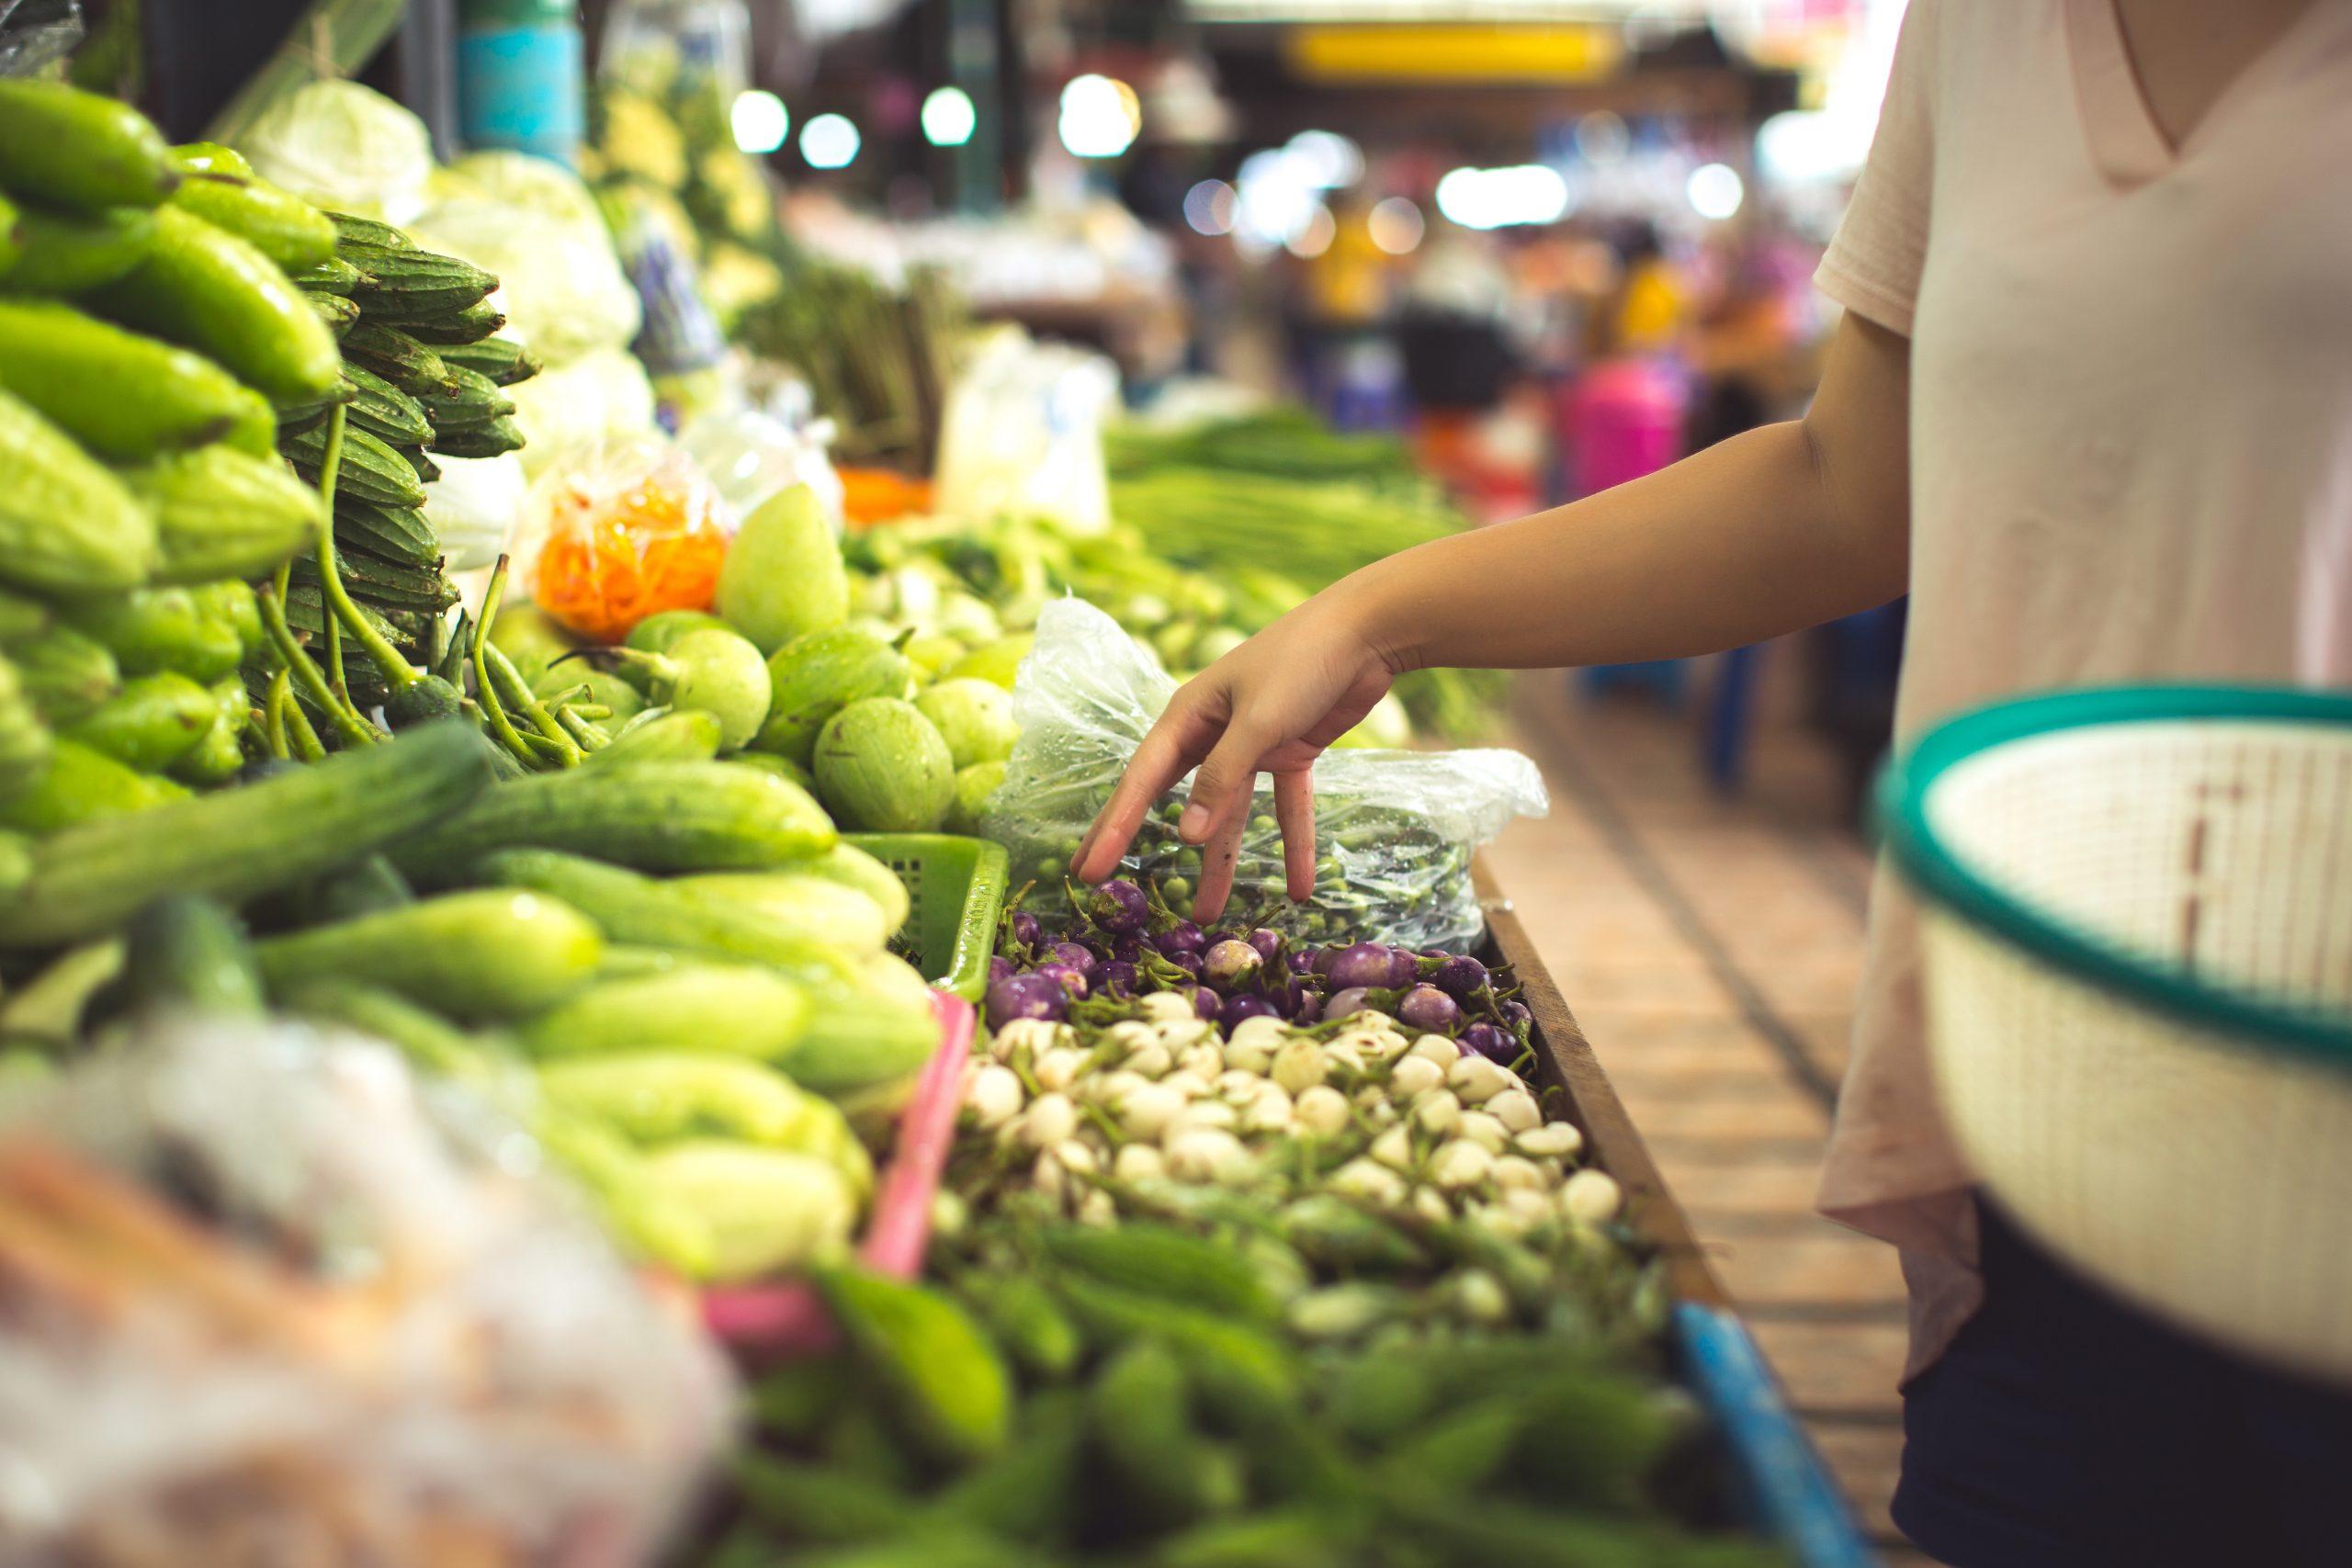 Donna spesa verdura verde estiva organiche bio mercato